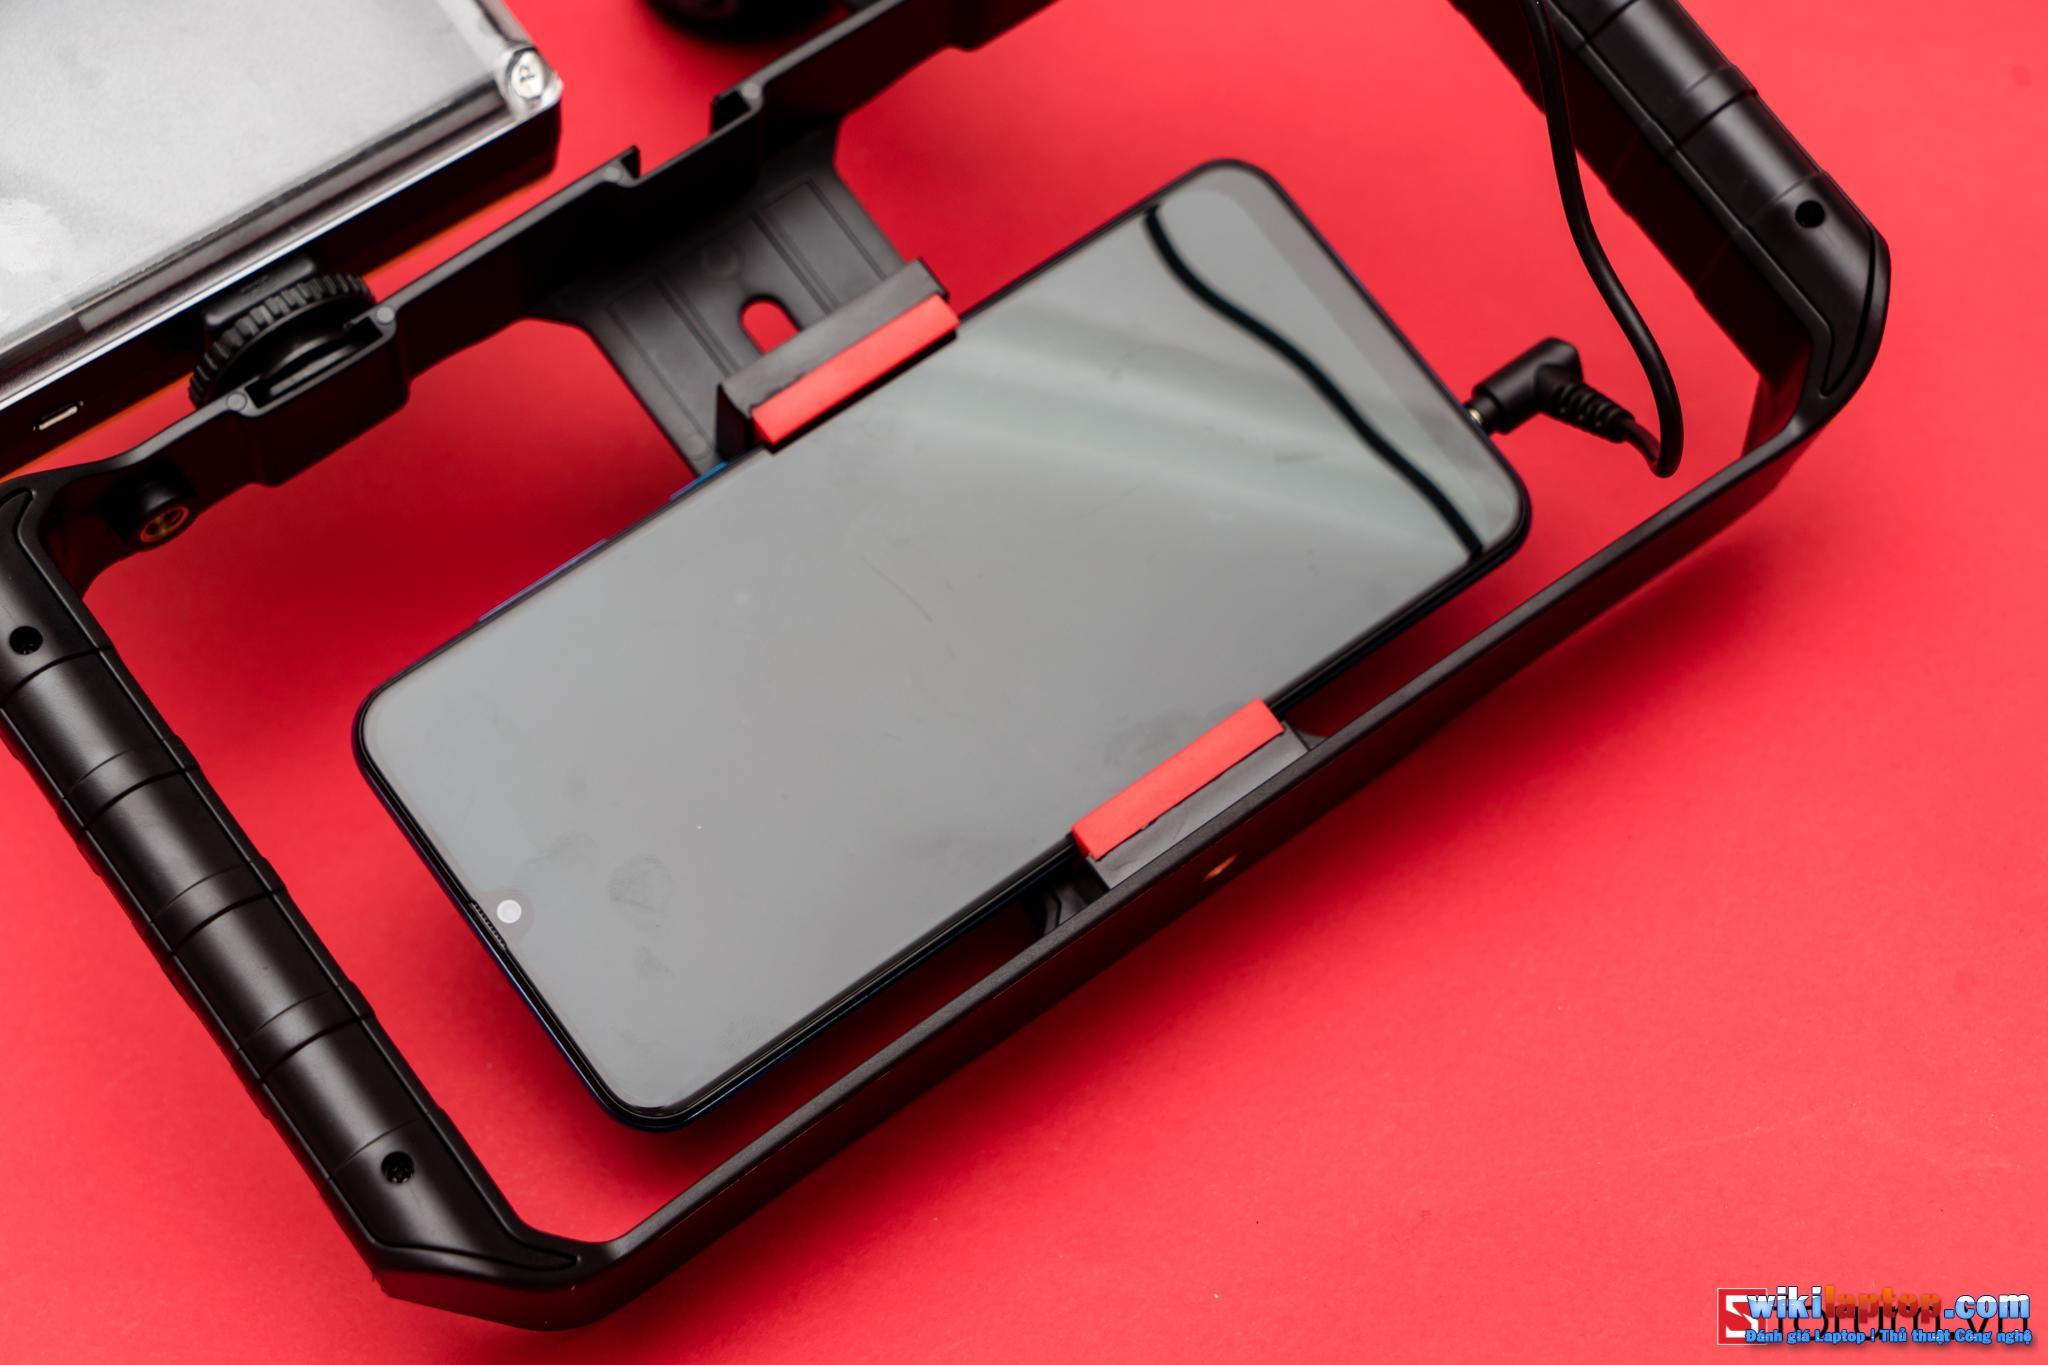 Sforum - Trang thông tin công nghệ mới nhất CPS-Combo-Quay Phim-So-2-55 Trải nghiệm Combo 2 Pro: Phim chống rung mà không cần gimbal?